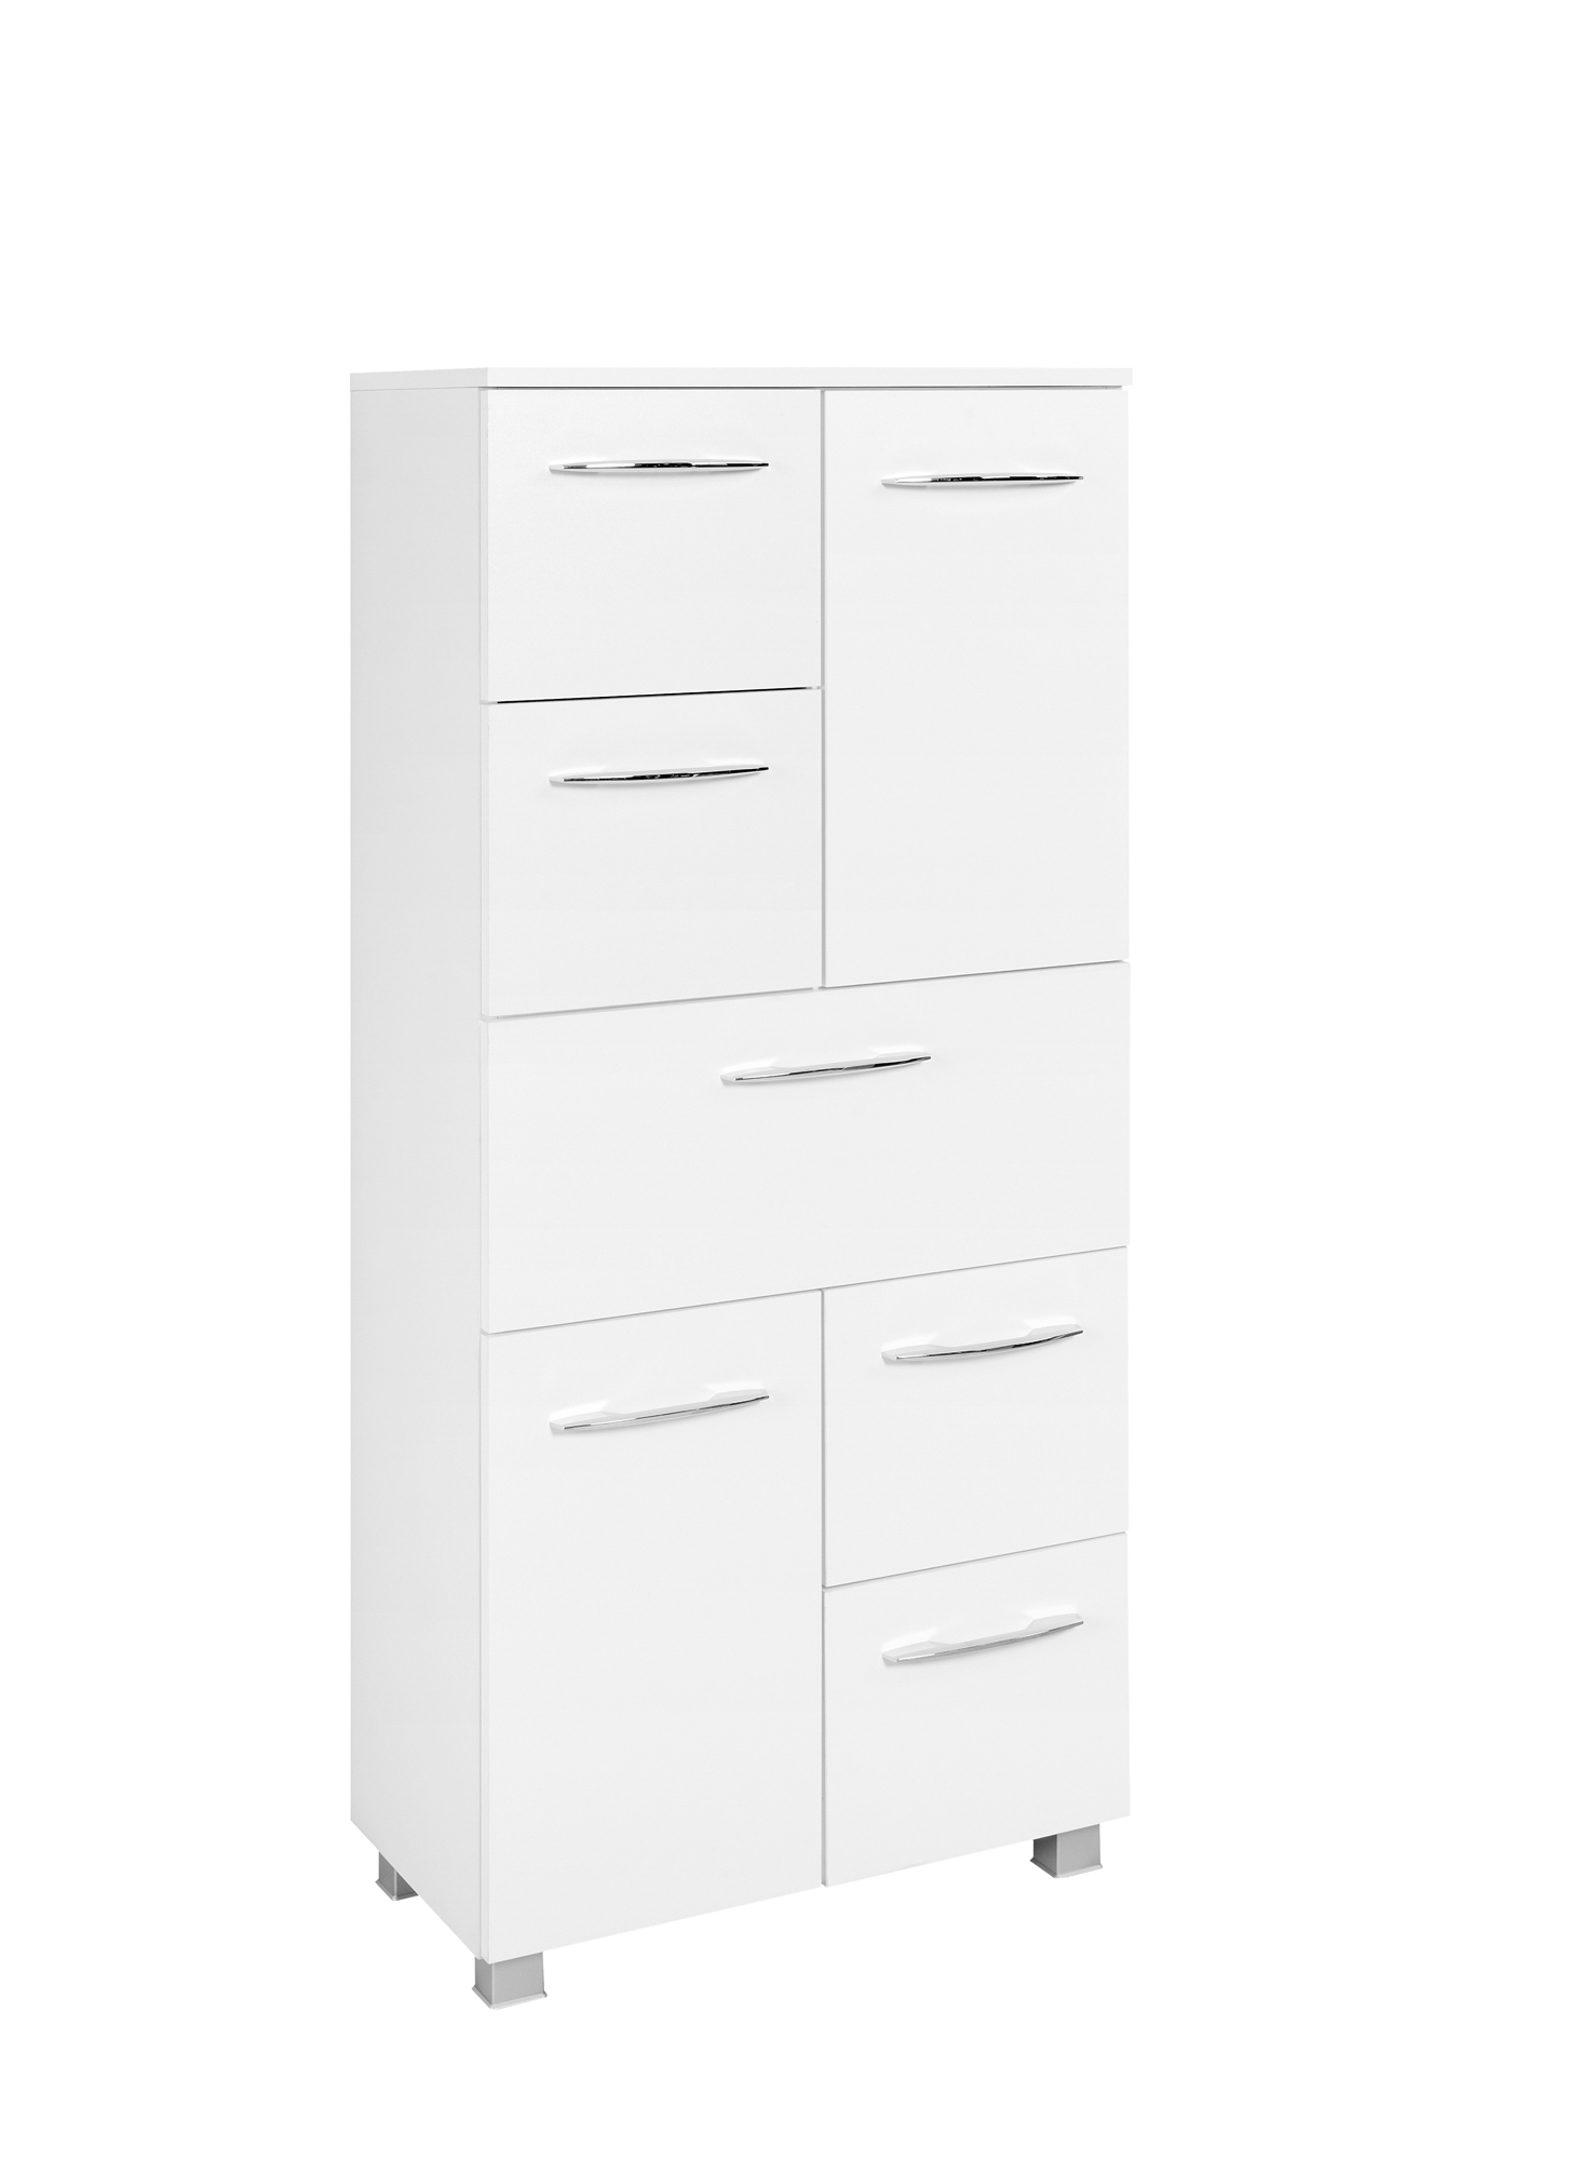 Bad-Midischrank Portofino, weiße Kunststoffoberflächen – zwei Türen, fünf  Auszüge, Breite ca. 18 cm